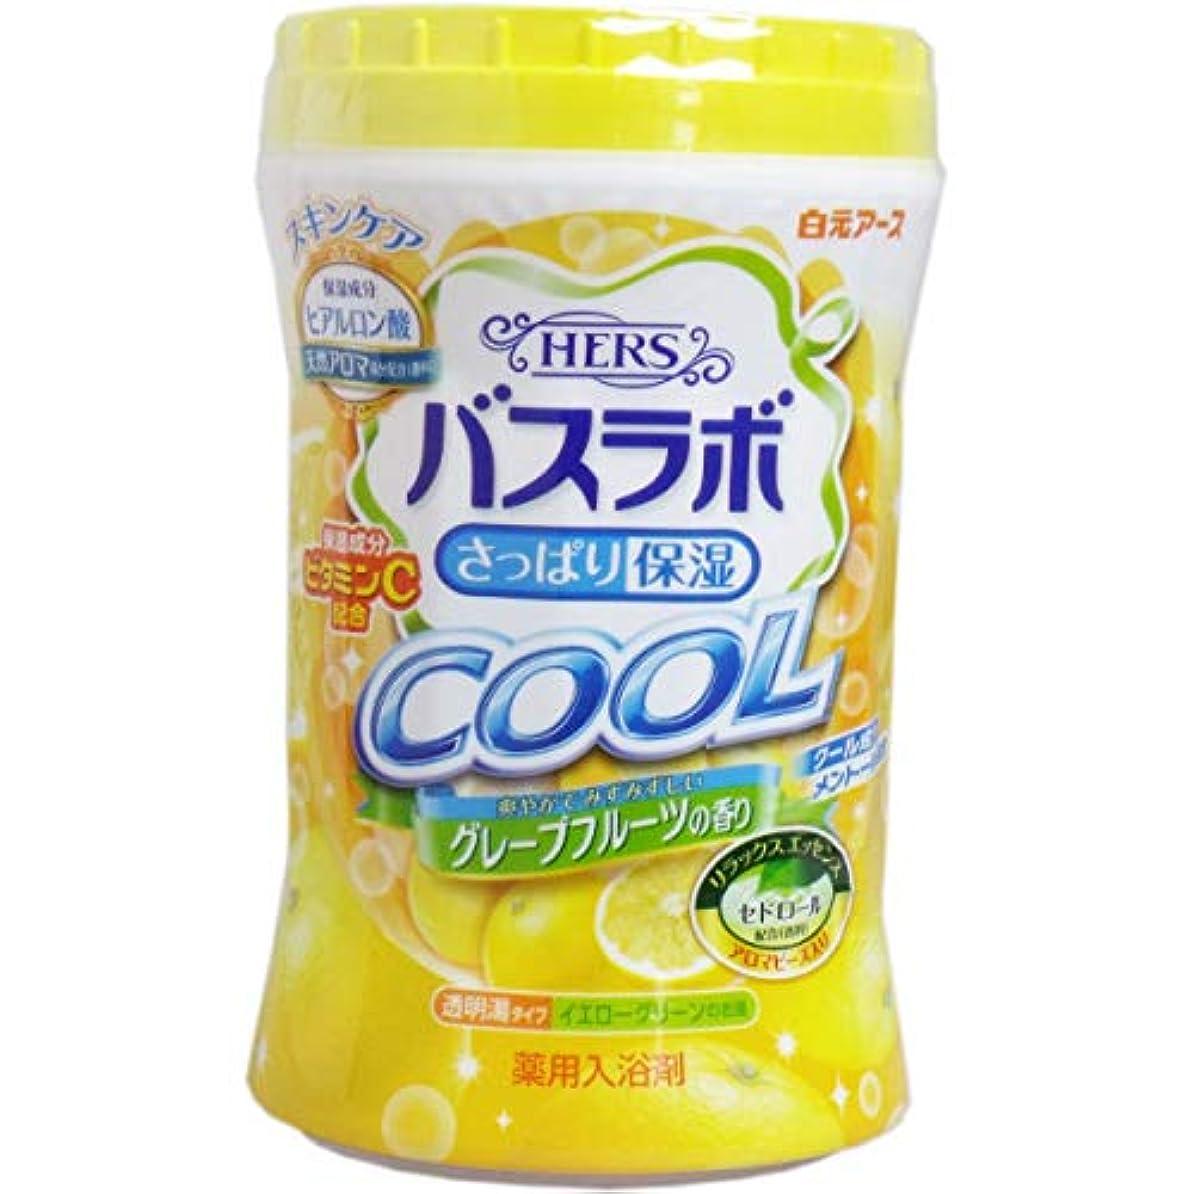 初心者ベッド家事HERSバスラボ ボトル クール グレープフルーツの香り 640g × 15点